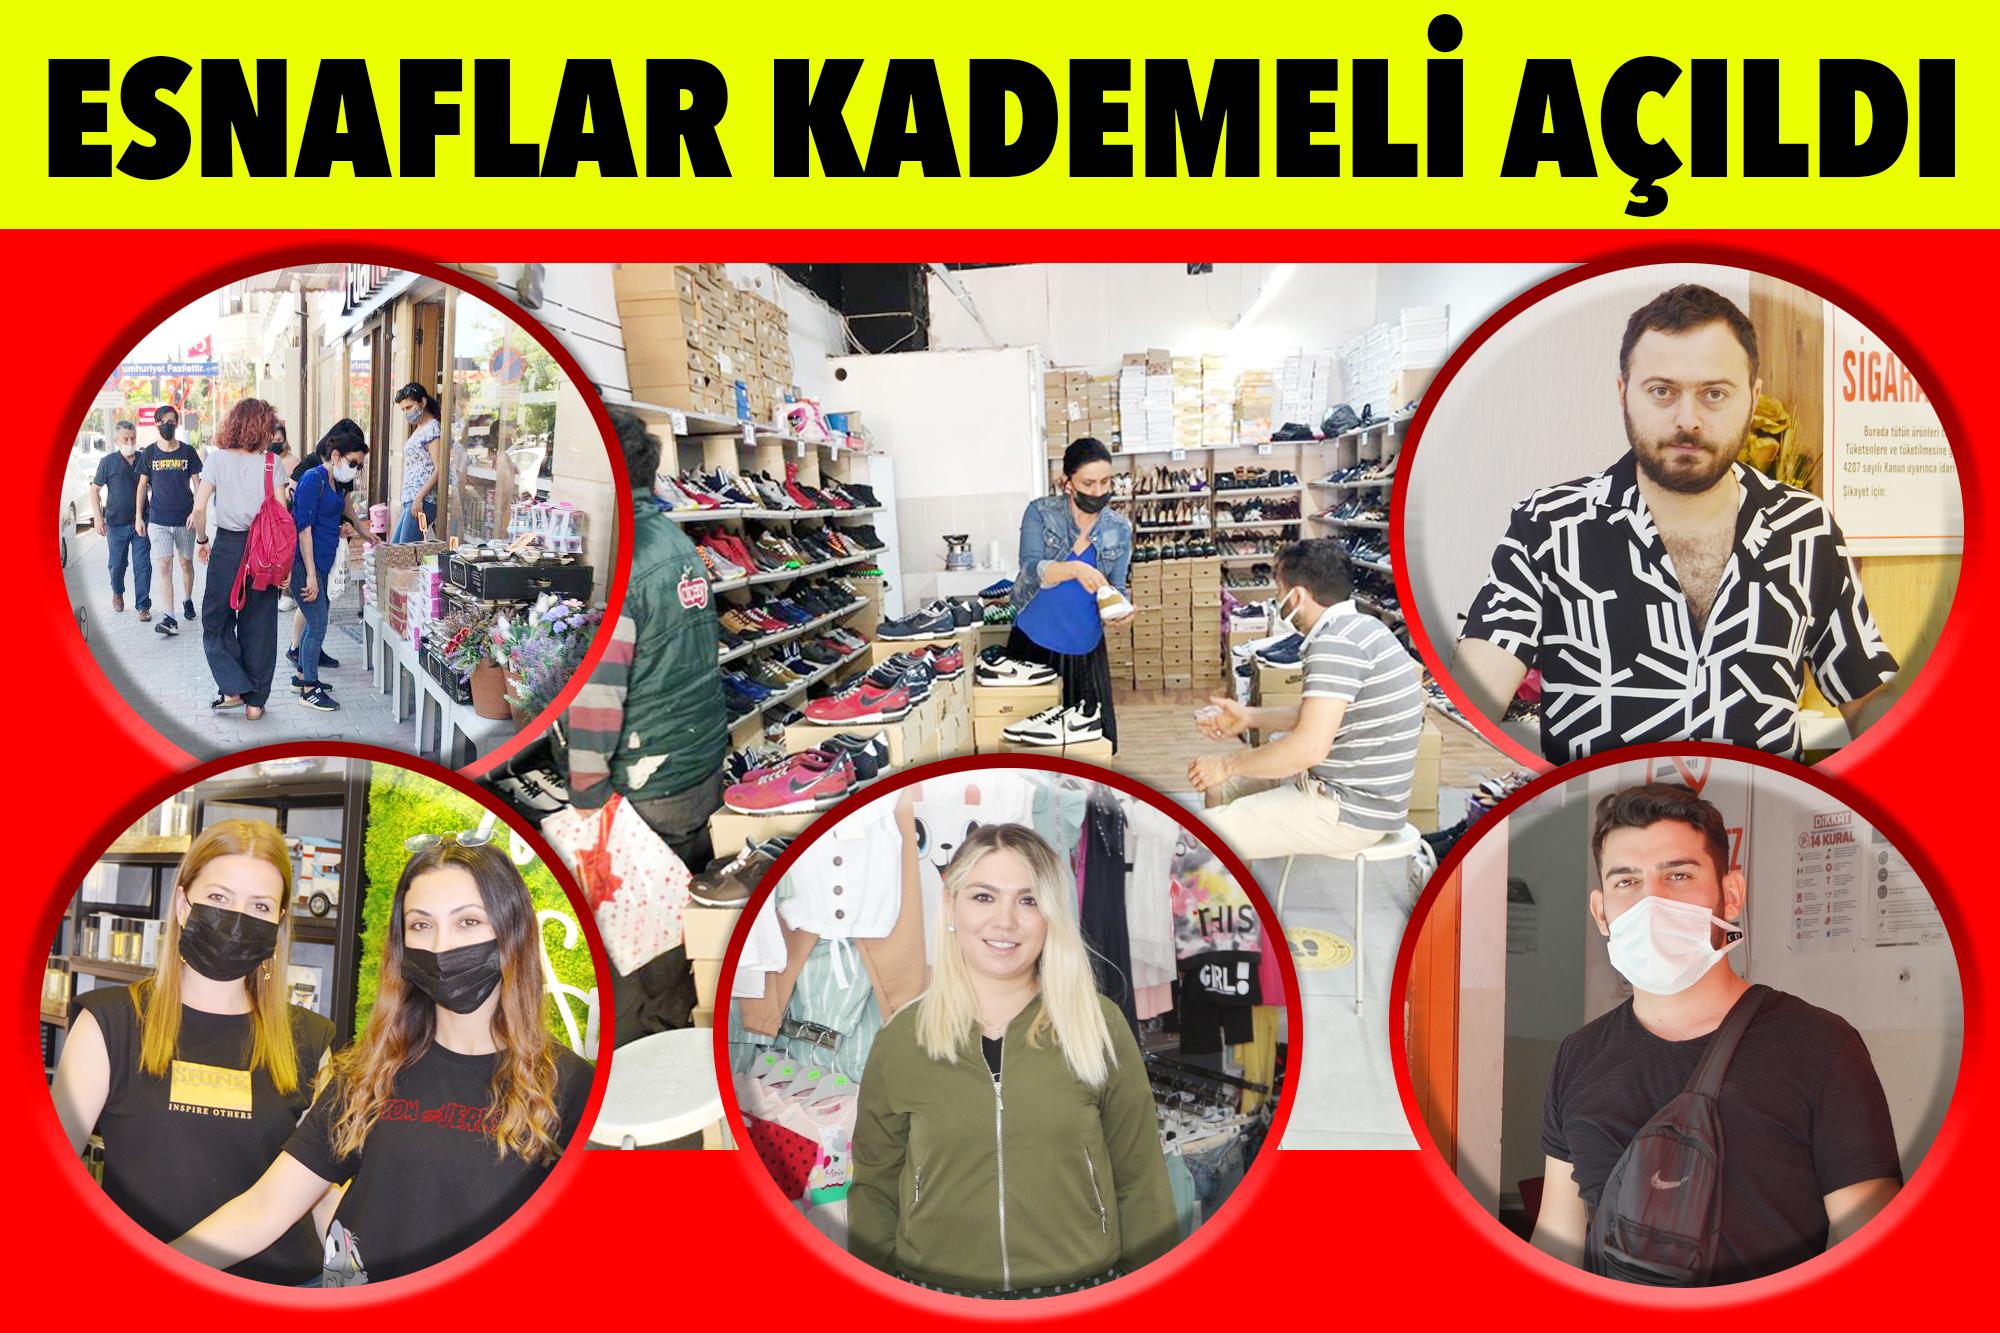 ESNAFLAR KADEMELİ AÇILDI